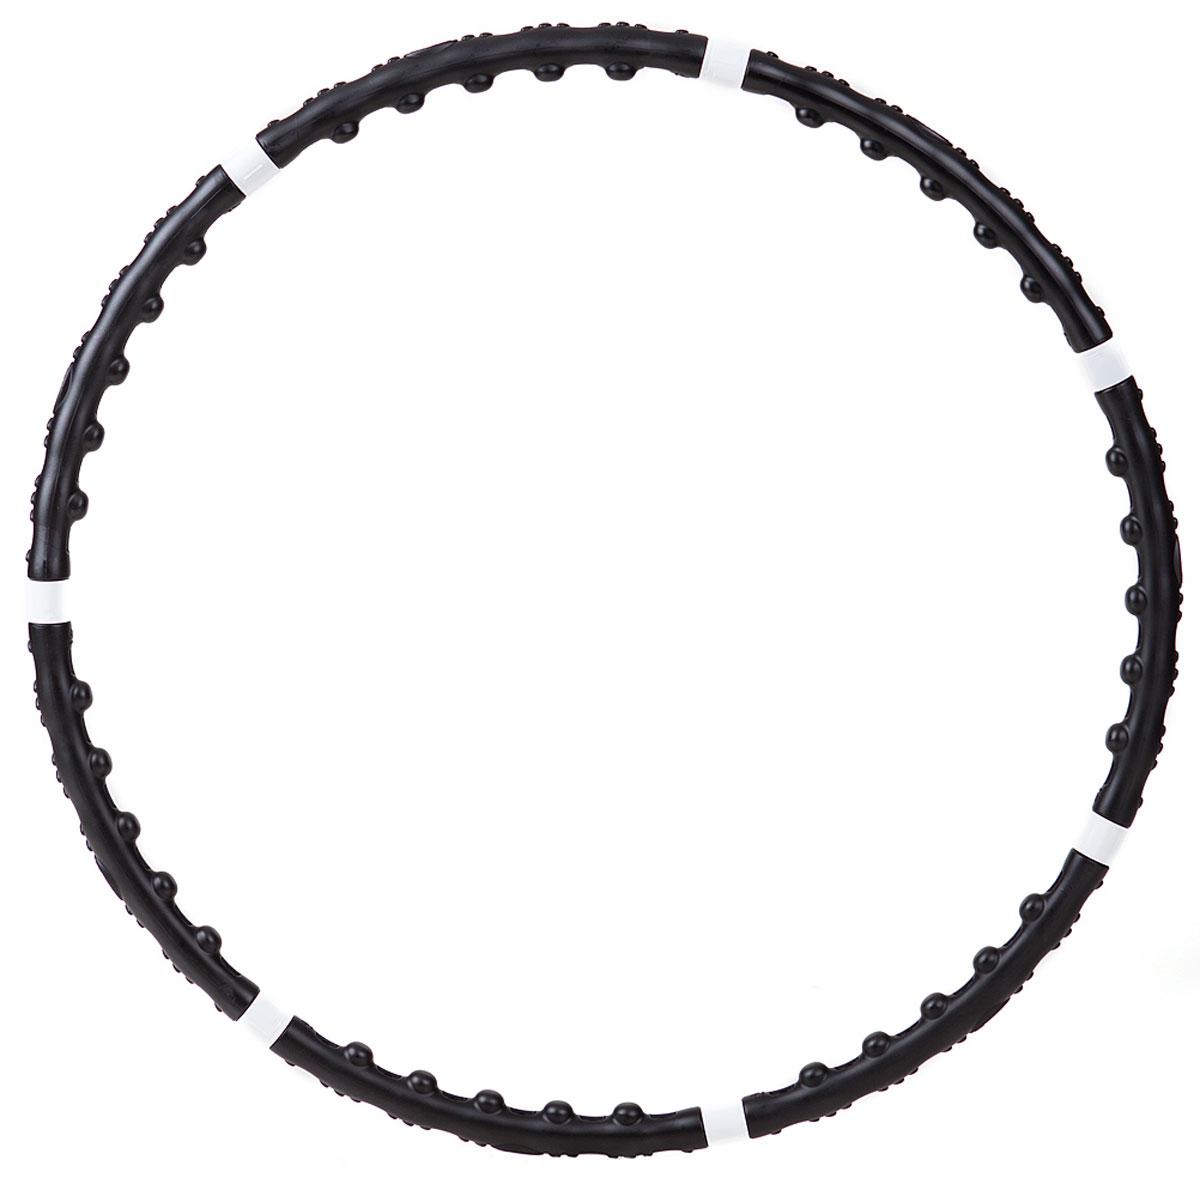 Обруч Bradex, утяжеленный, массажный, с магнитными вставками4156764Массажный утяжеленный обруч Bradex отлично подтянет живот, улучшит талию и поможет похудеть. Обруч оснащен магнитами. Благодаря такому устройству, происходит сочетание элементов обычного хула-хупа с техникой аккупунктурного массажа. Магниты, идущие в комплекте с обручем, оказывают противовоспалительный, седативный, болеутоляющий эффект. Вы не только улучшите контуры фигуры за счет сжигания подкожного жира в области талии и живота, но и обретете хорошее самочувствие. Обруч состоит из 7 секций и является разборным, что облегчает его транспортировку.Характеристики:Материал: ПВХ, магнит. Диаметр обруча: 100 см. Вес обруча: 1,3 кг. Размер упаковки: 47 х 25 х 7,5 см.